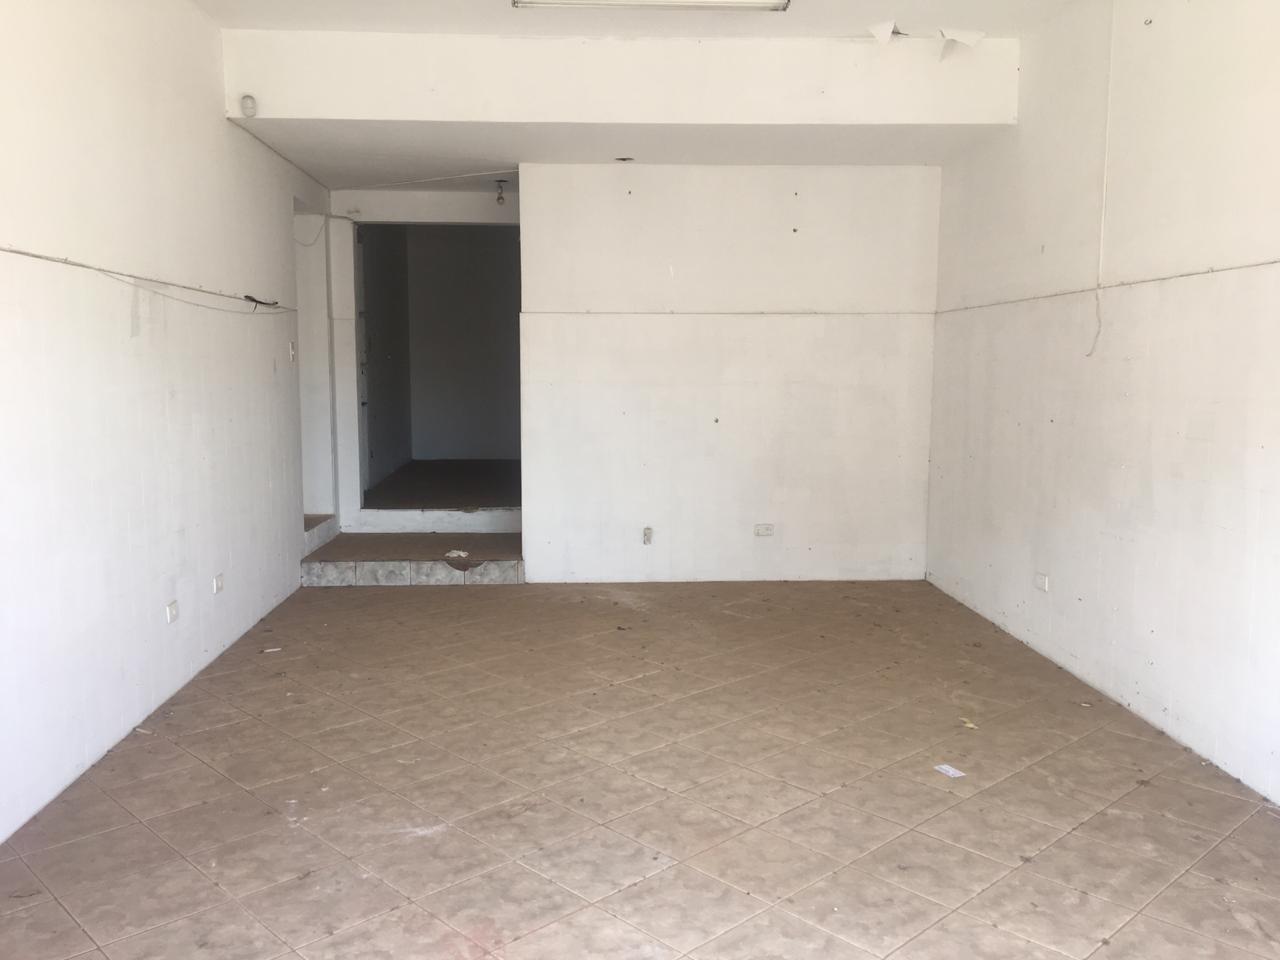 Casa para comprar, 4 quartos, 2 suítes, 1 vaga, no bairro São Dimas em Piracicaba - SP